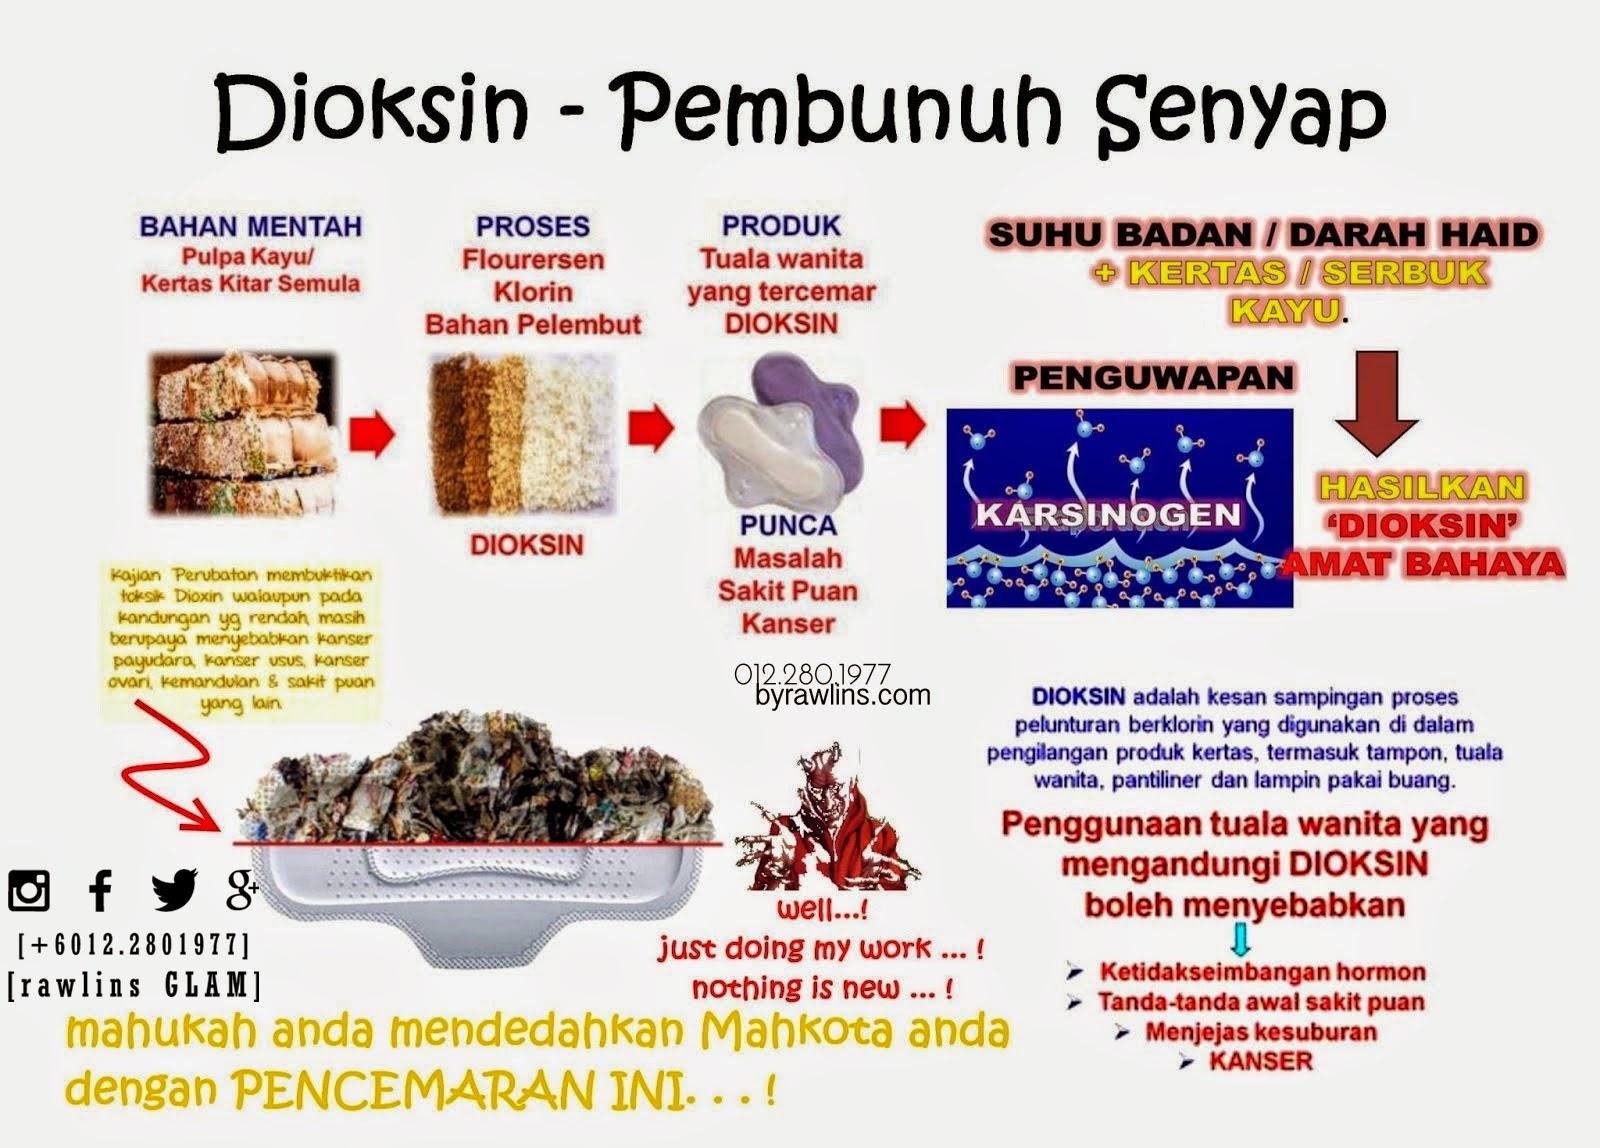 Bio Seleza, byrawlins, cancer, cervical cancer, feminine pad, glam, hanis haizi protege, kanser, Kanser Servik, murah, pap smear, sanitary pad, sihat, tuala wanita, testimoni, dioxin